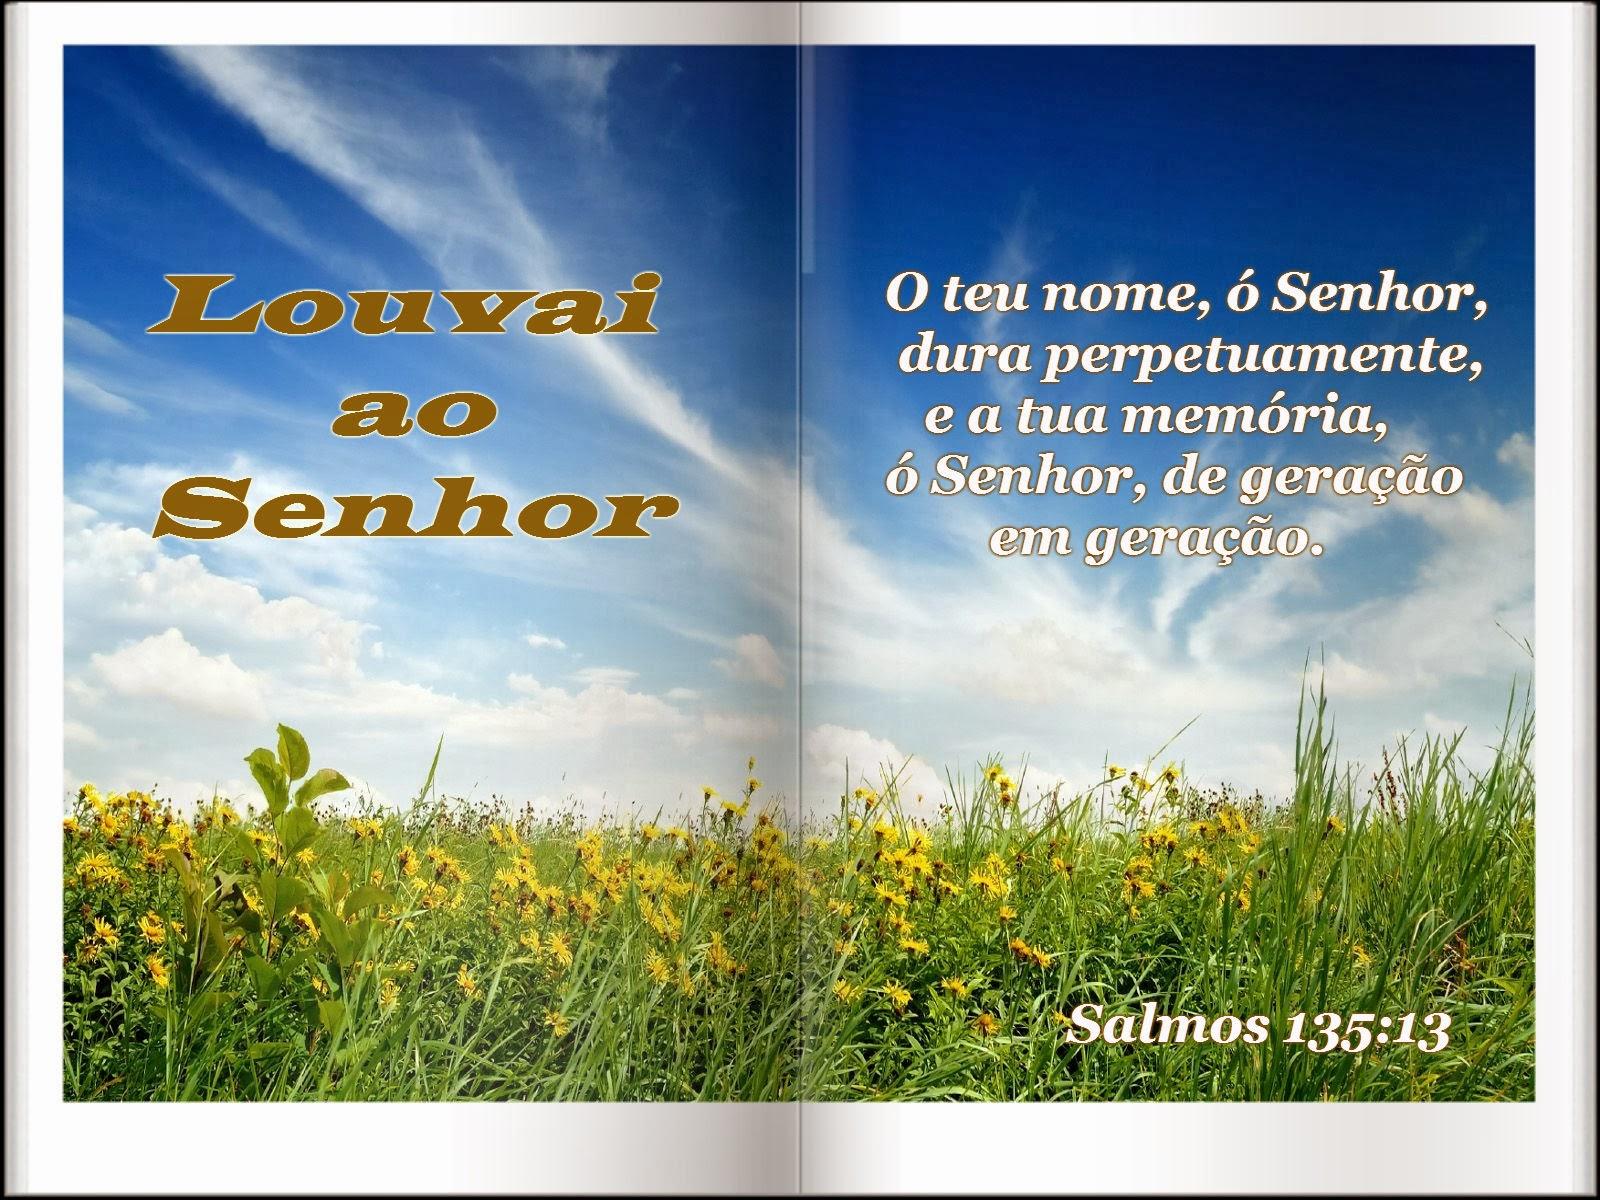 http://2.bp.blogspot.com/-ZkJ9U-b76aA/UrOSYgfj9hI/AAAAAAAAVzc/-adbkqI5apQ/s1600/0000000003360.jpg